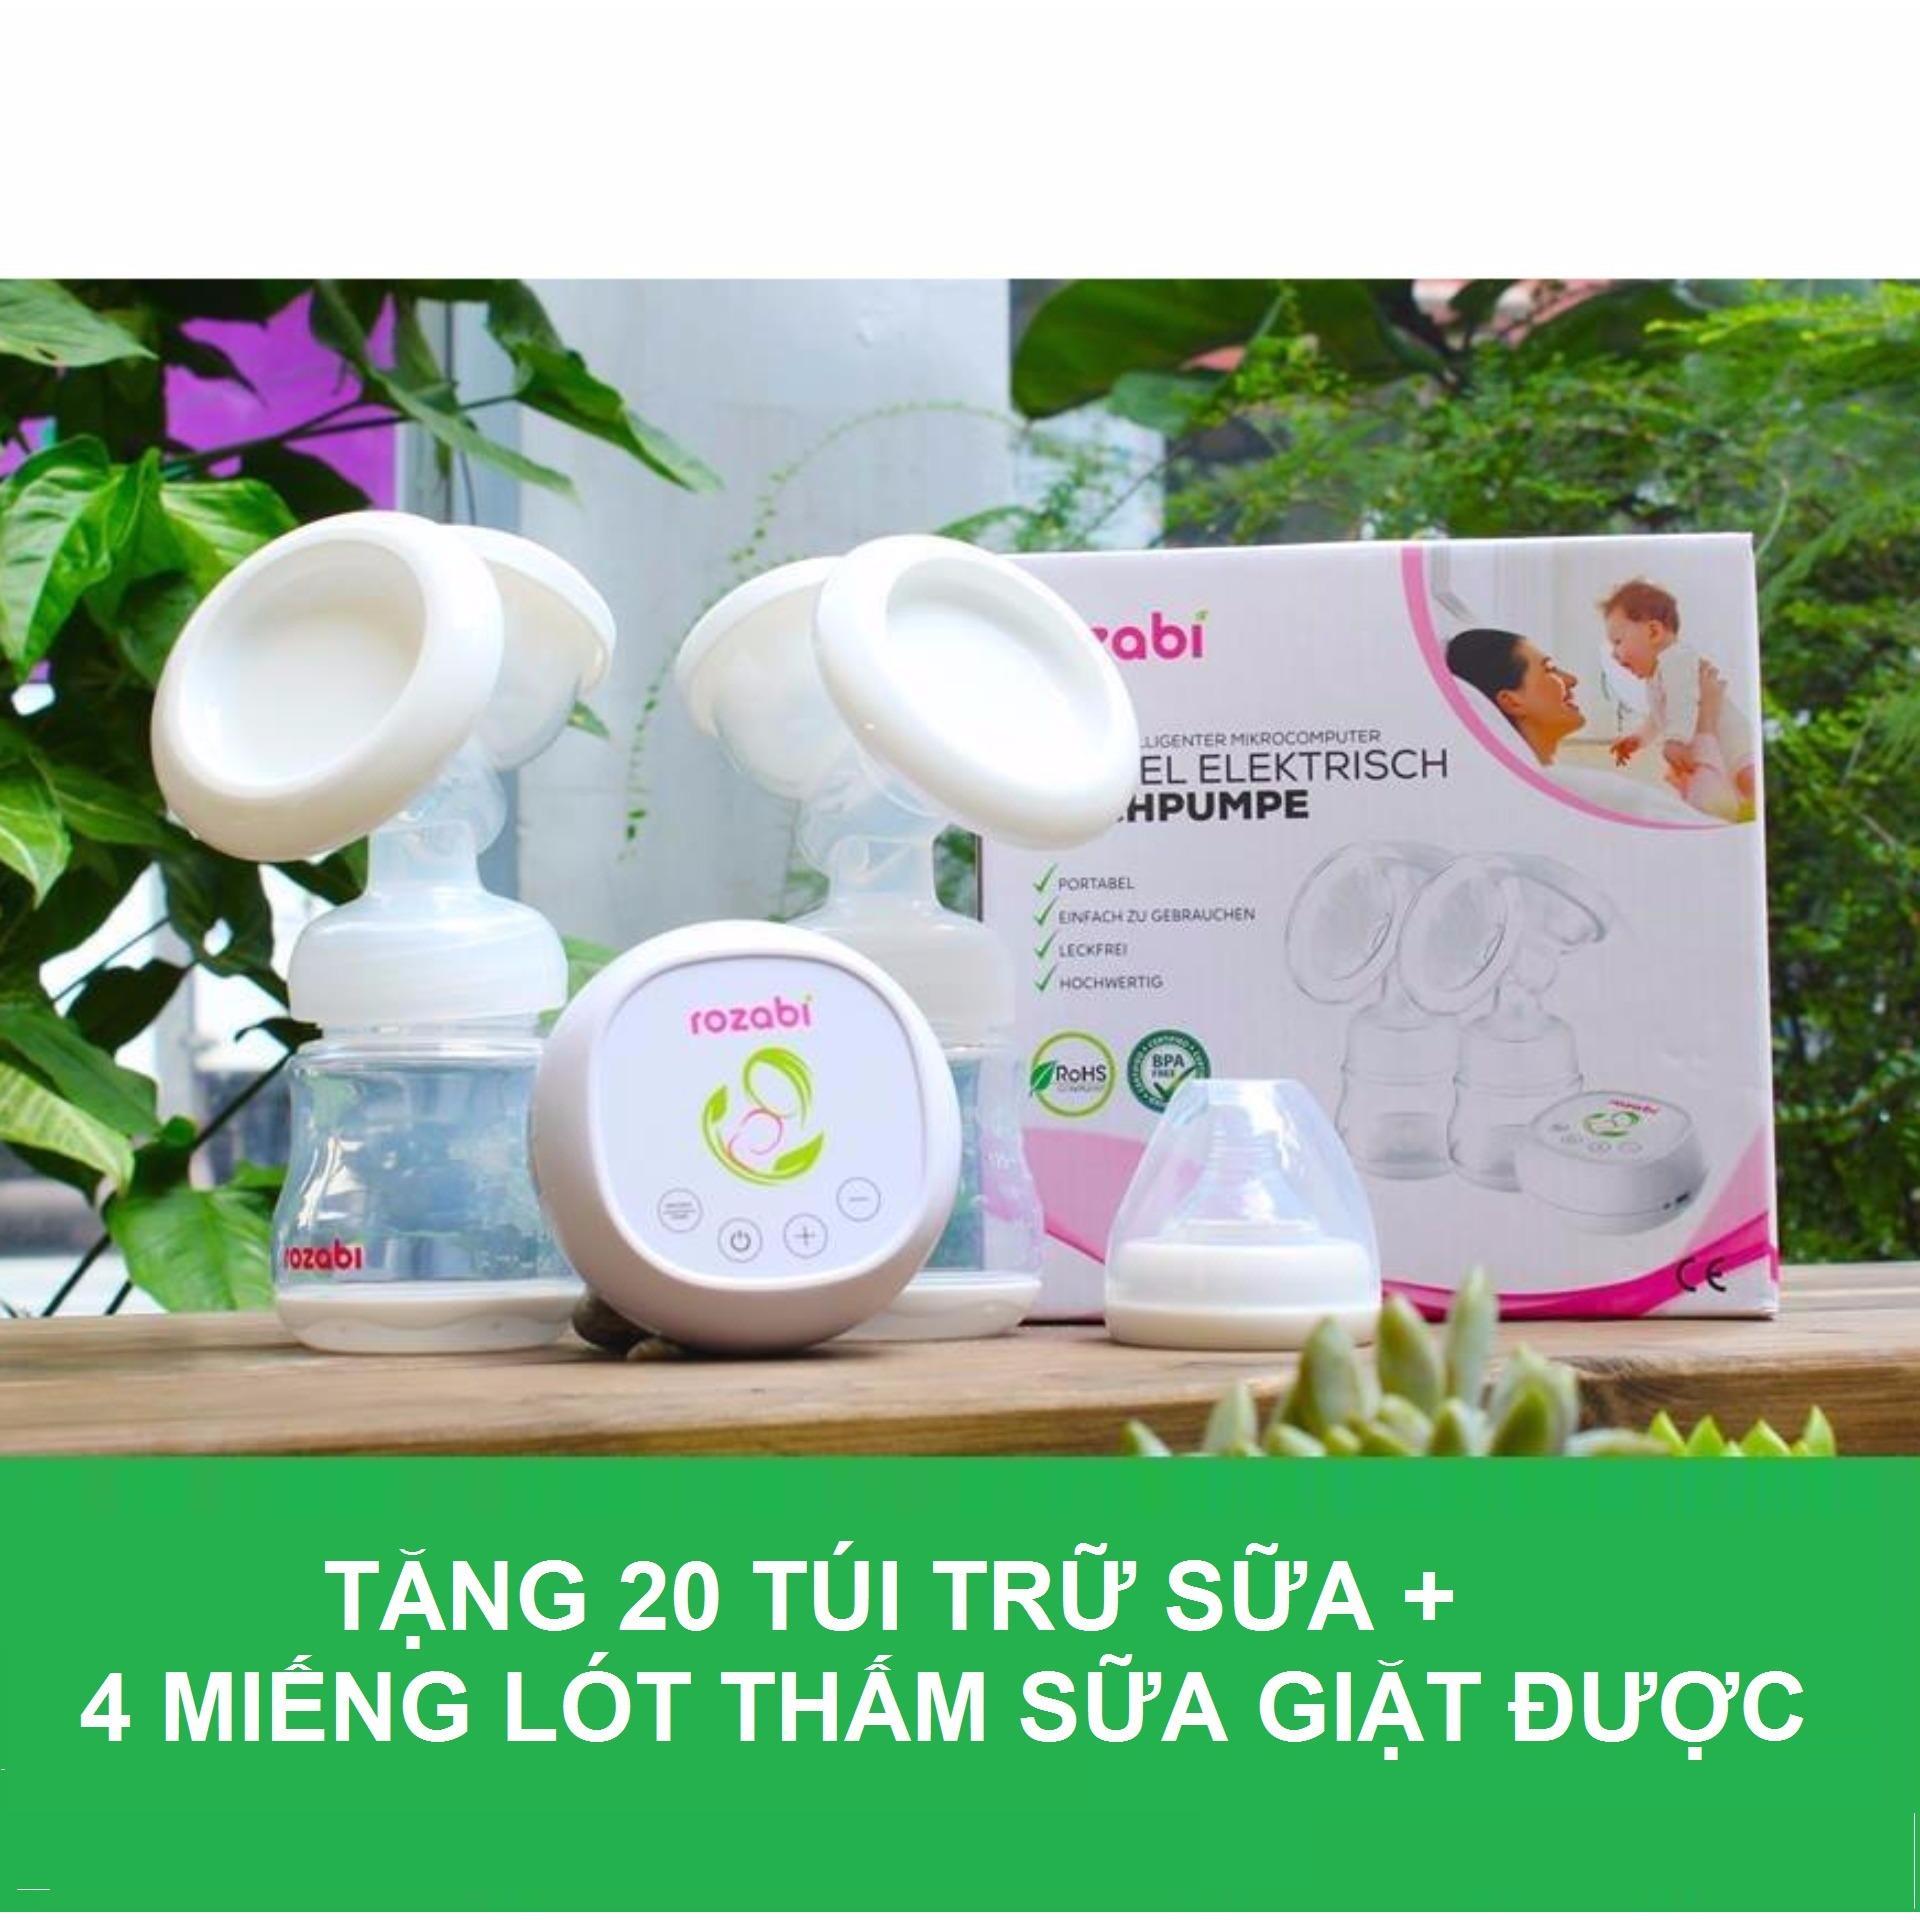 Bán May Hut Sữa Điện Đoi Rozabi Basic Đột Pha Với 12 Cấp Độ No Brand